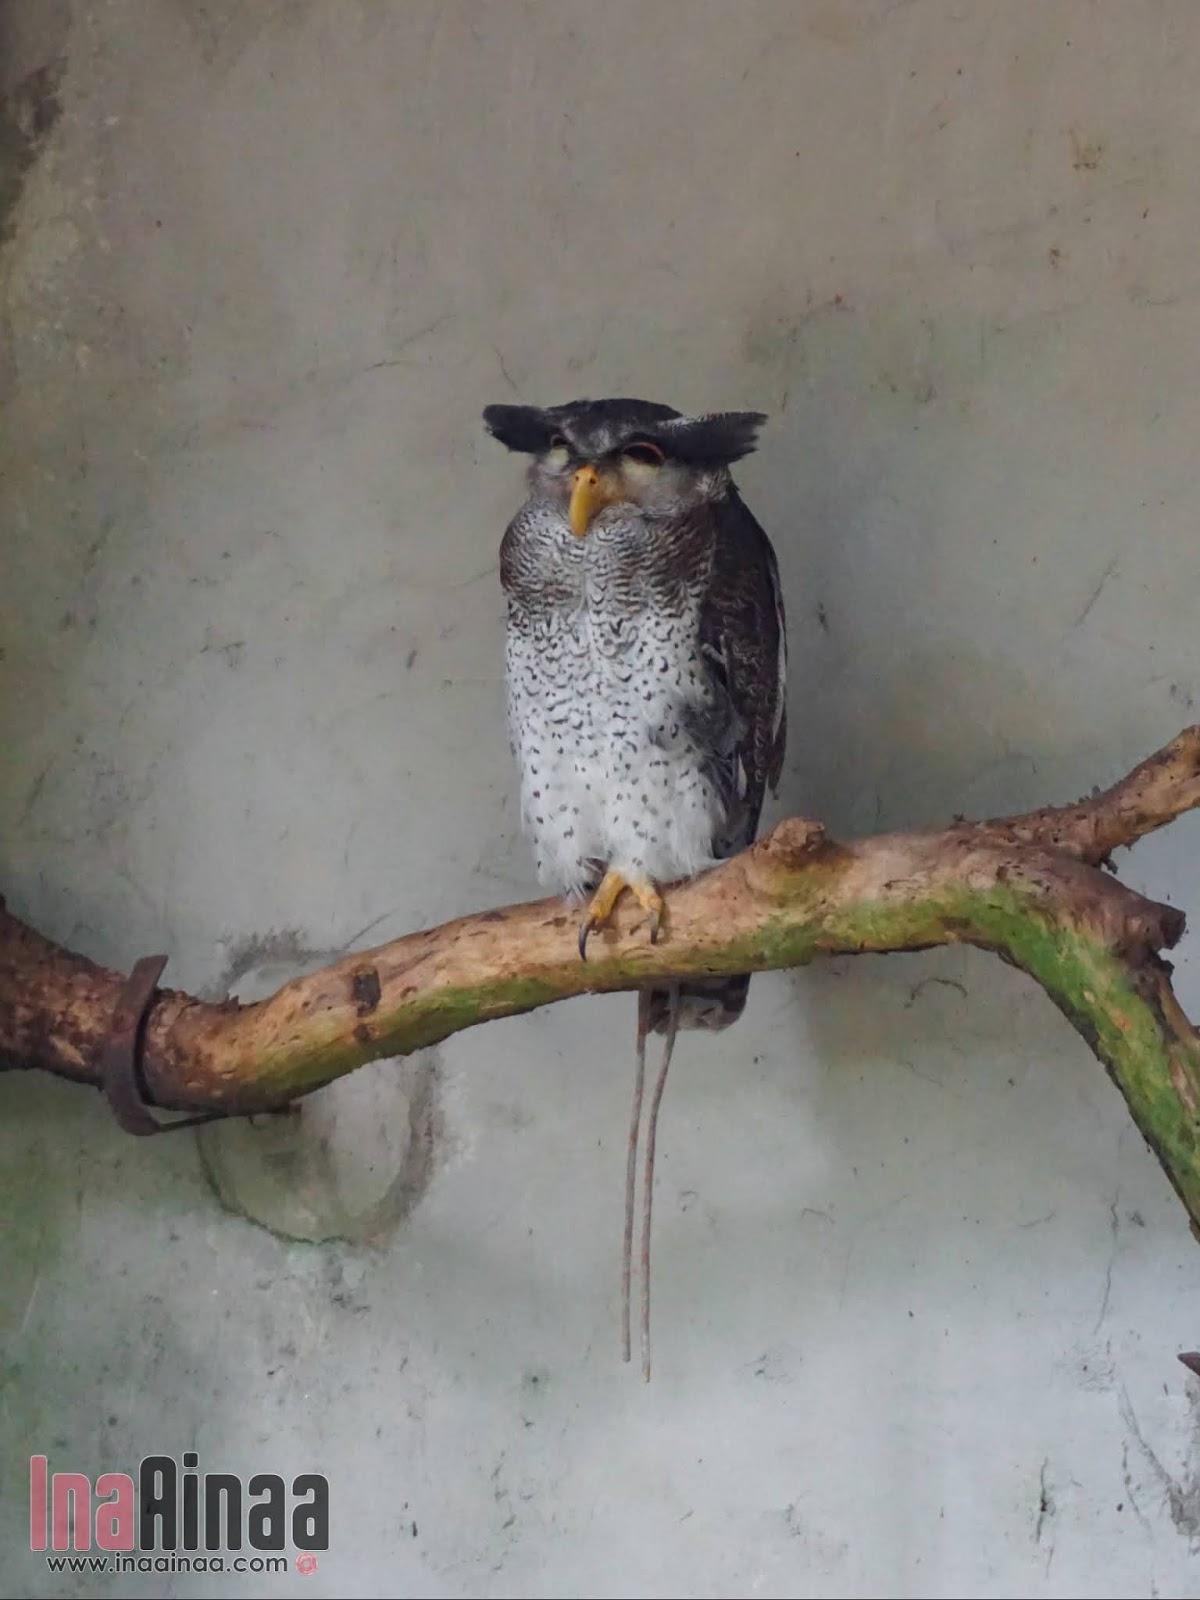 KL BIRD PARK - Hak Milik Ina Ainaa